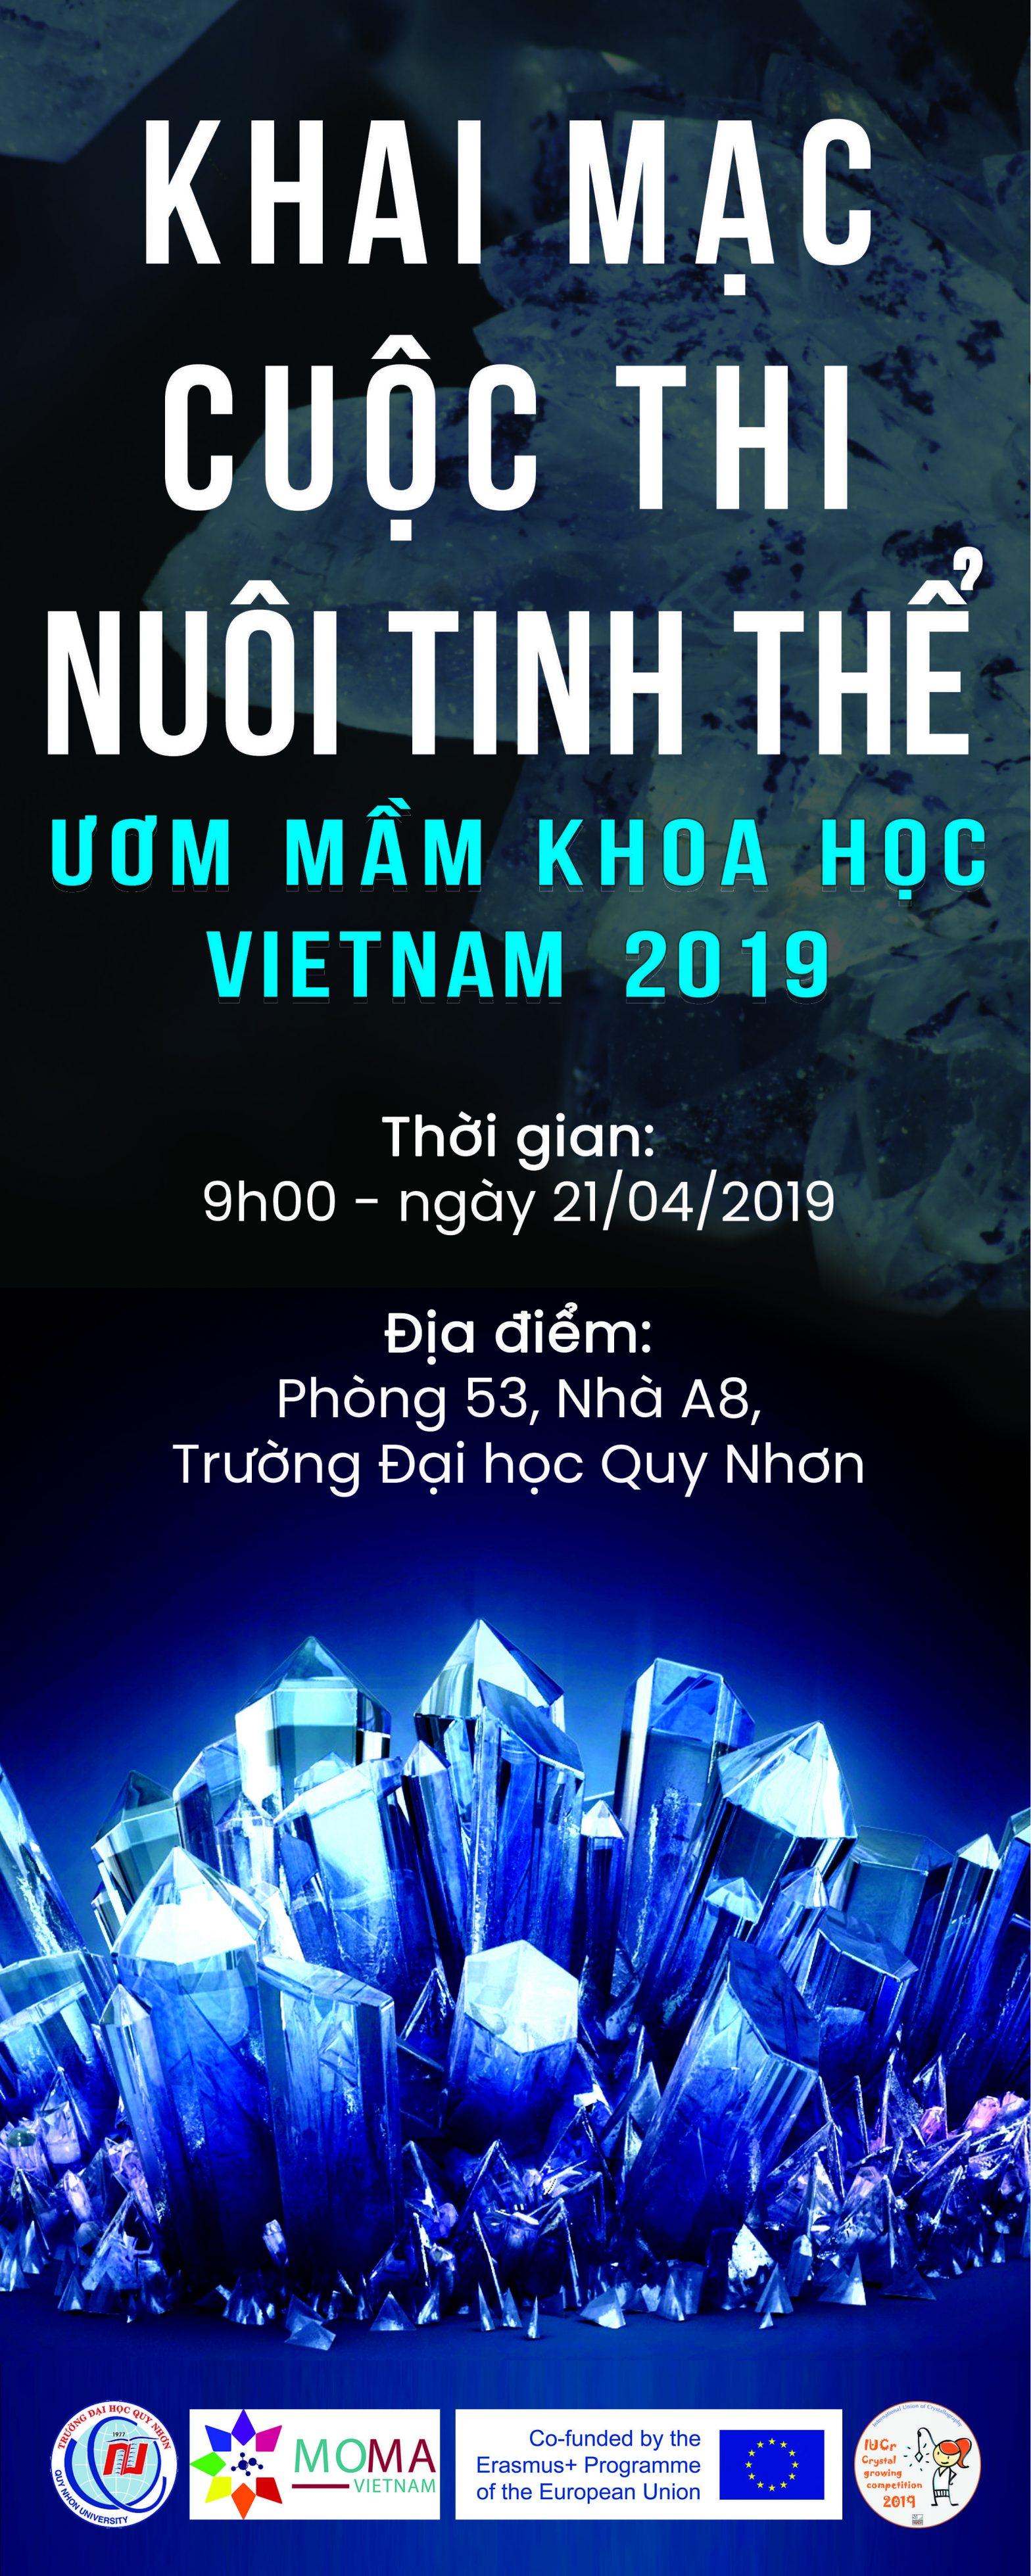 Khai mạc Hội thi Nuôi đơn tinh thể 2019 khu vực Duyên hải Nam Trung bộ và Tây Nguyên